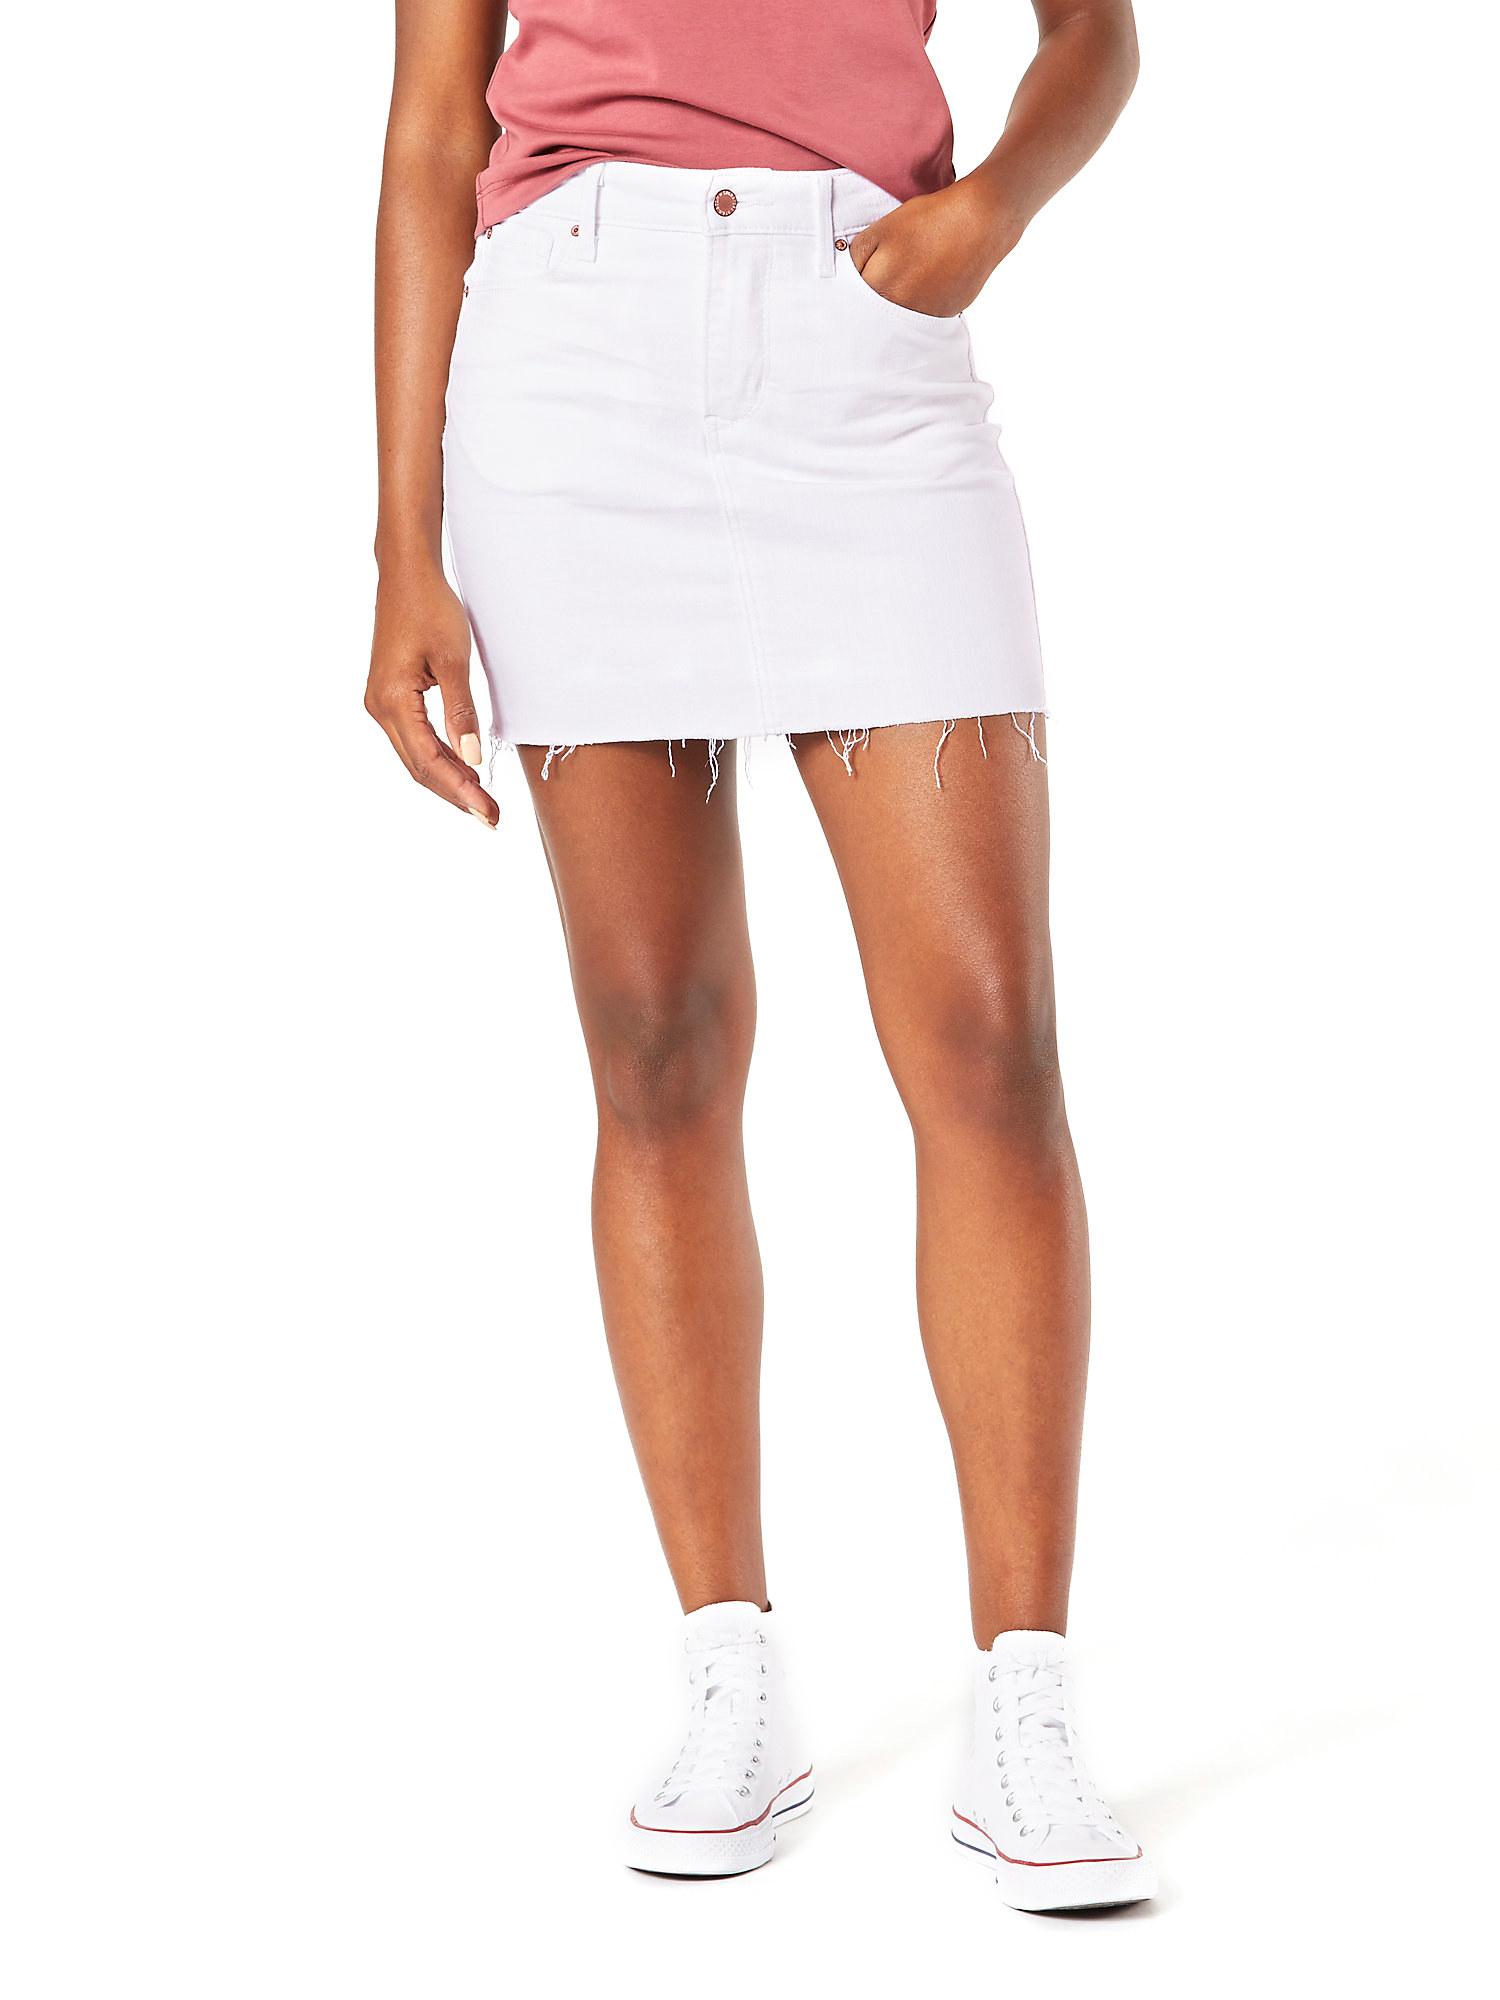 The white skirt